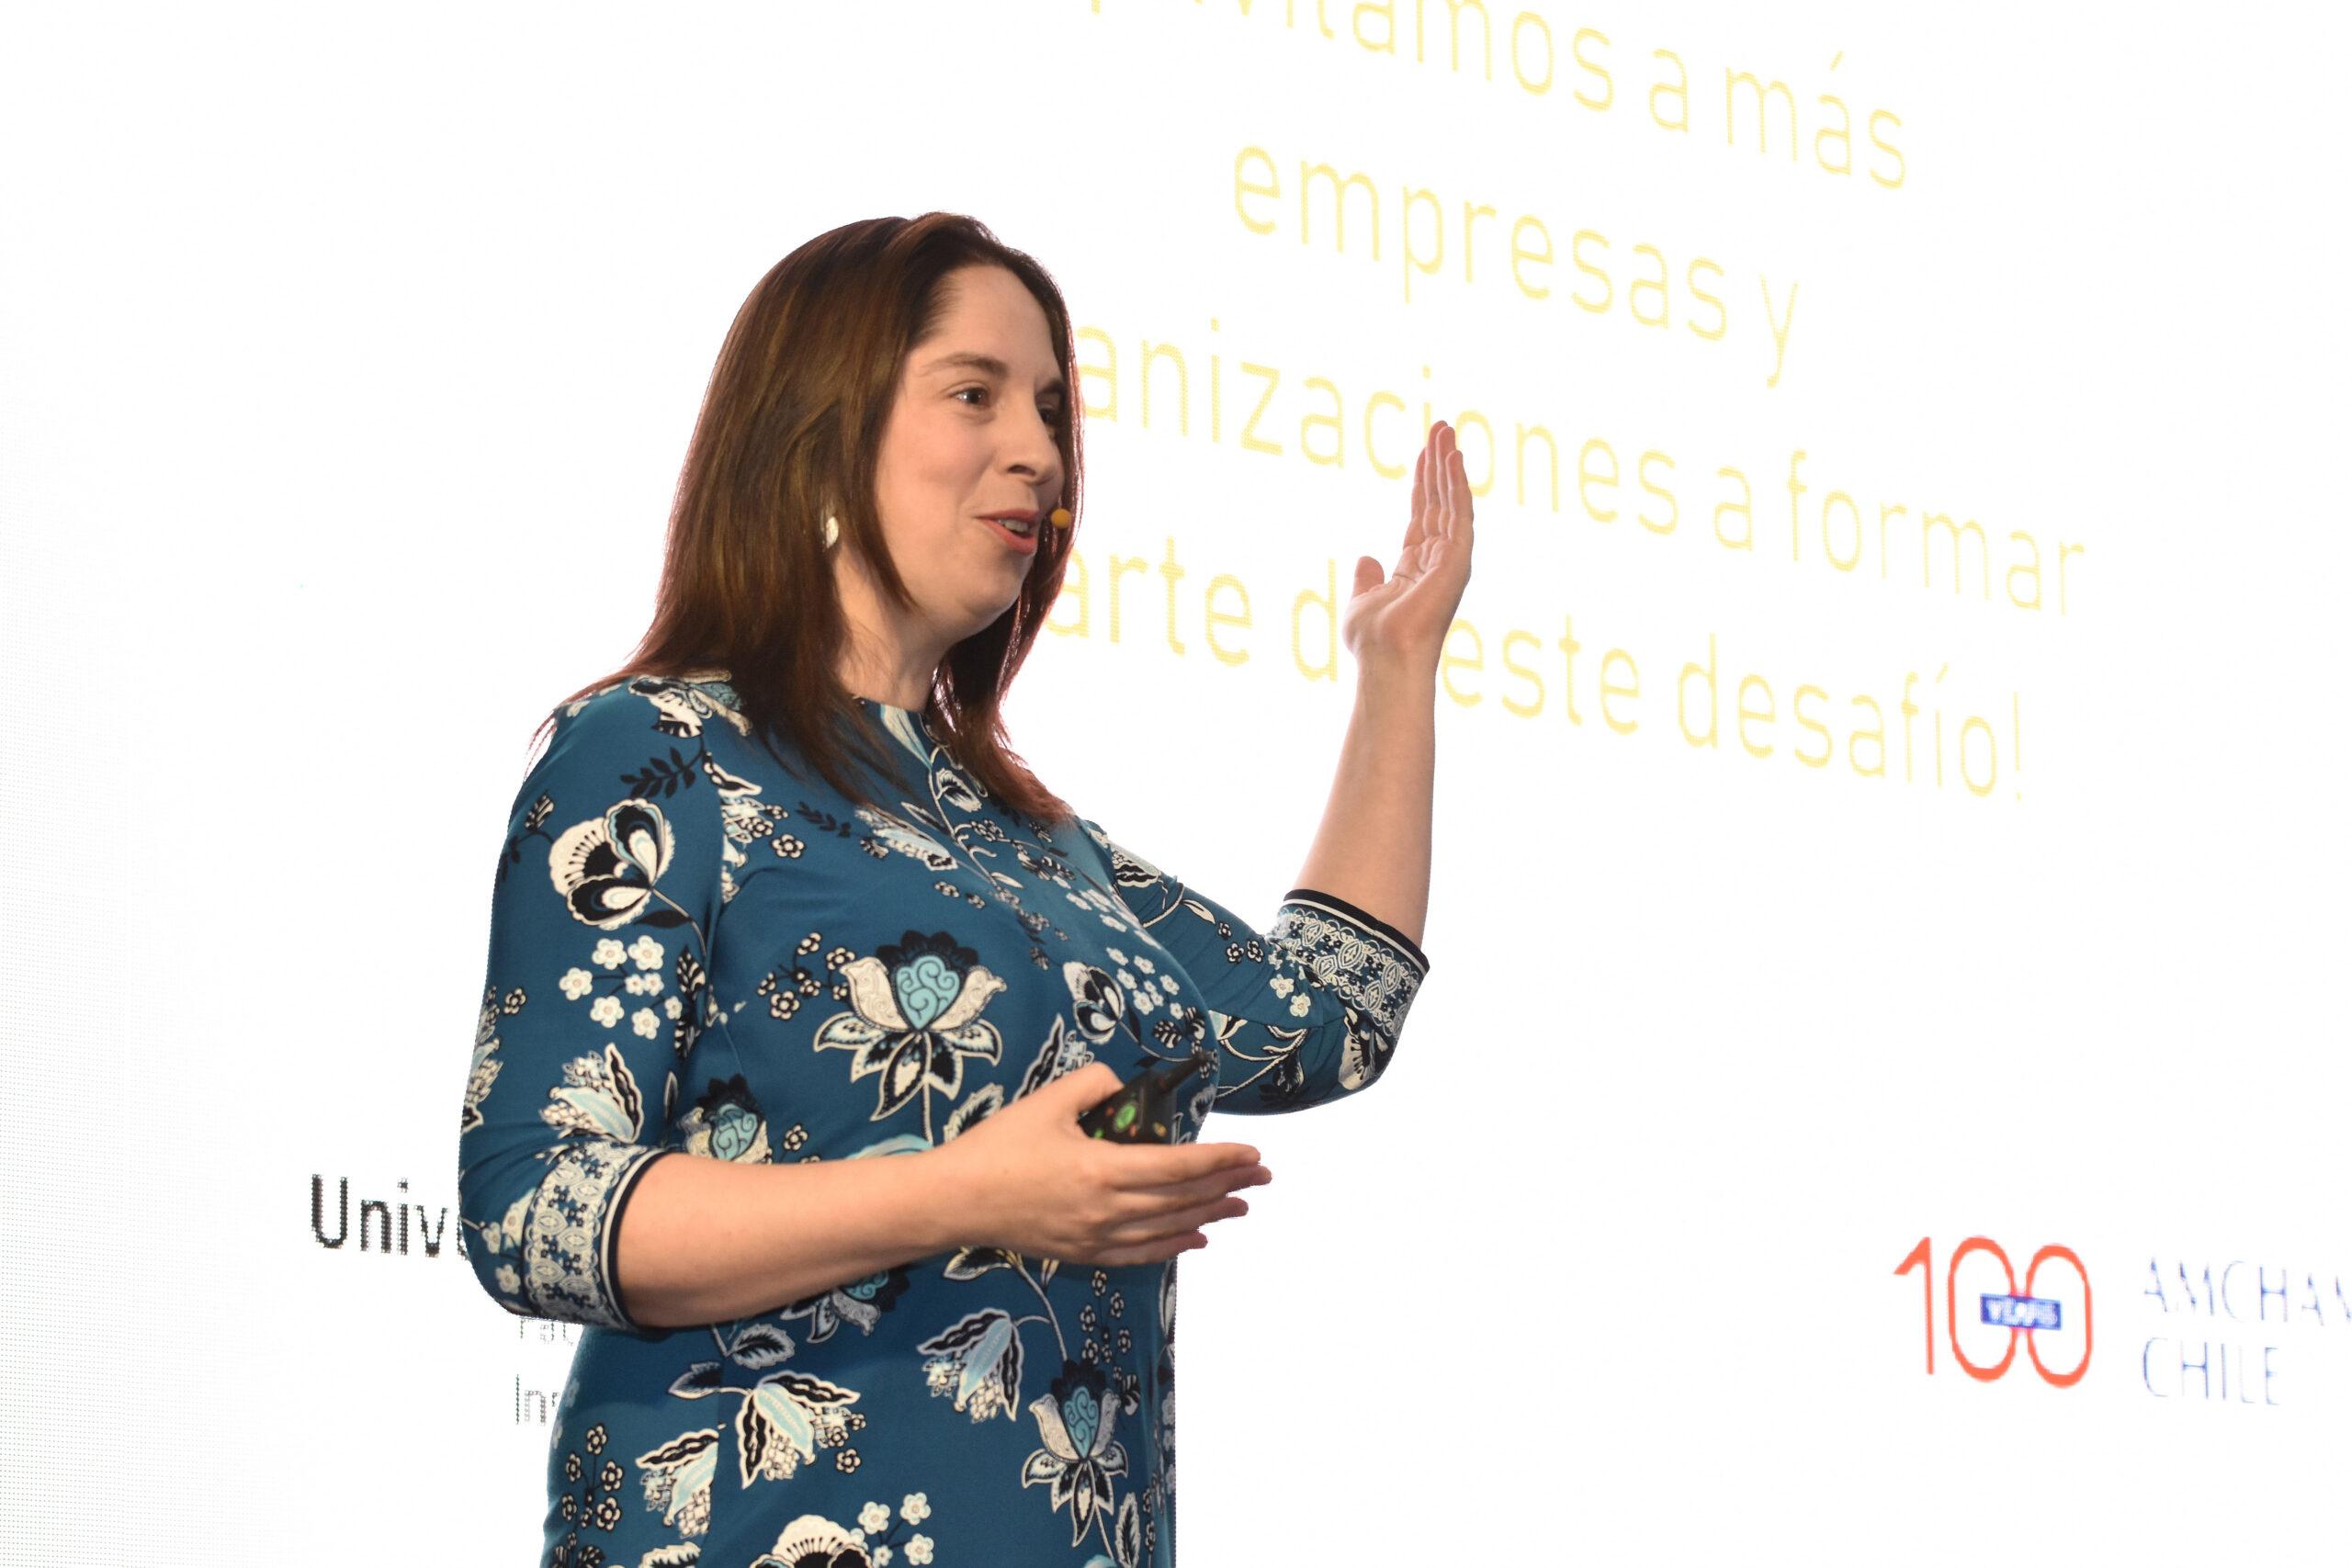 Directora del Data Science UDD asegura que en el Gran Santiago la reducción de la movilidad es solo del 37.5%